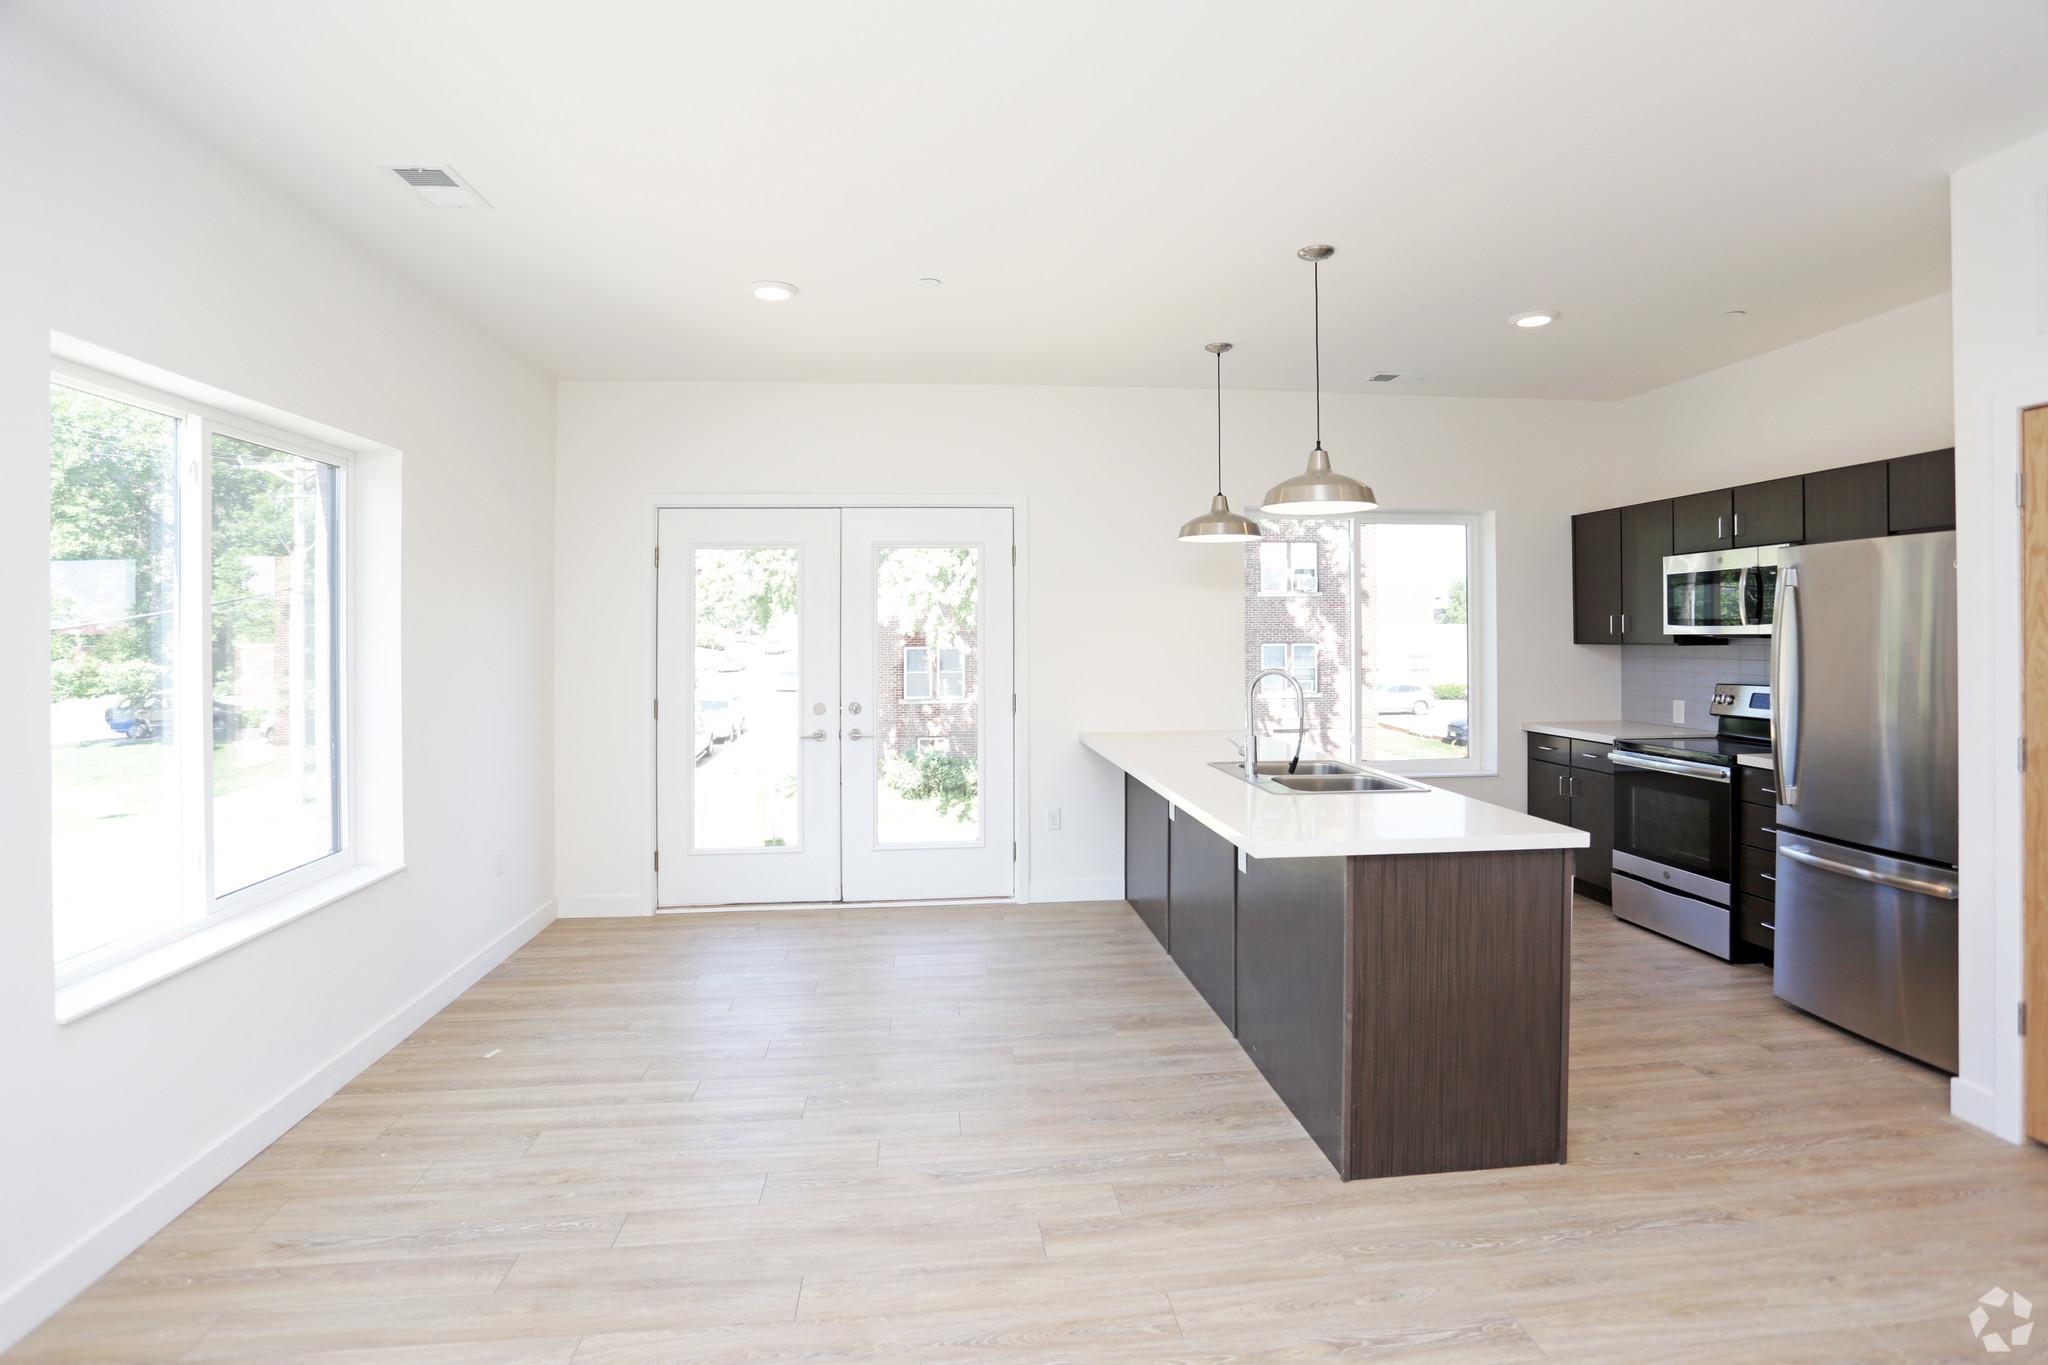 blackstone-depot-omaha-ne-living-room.jpg